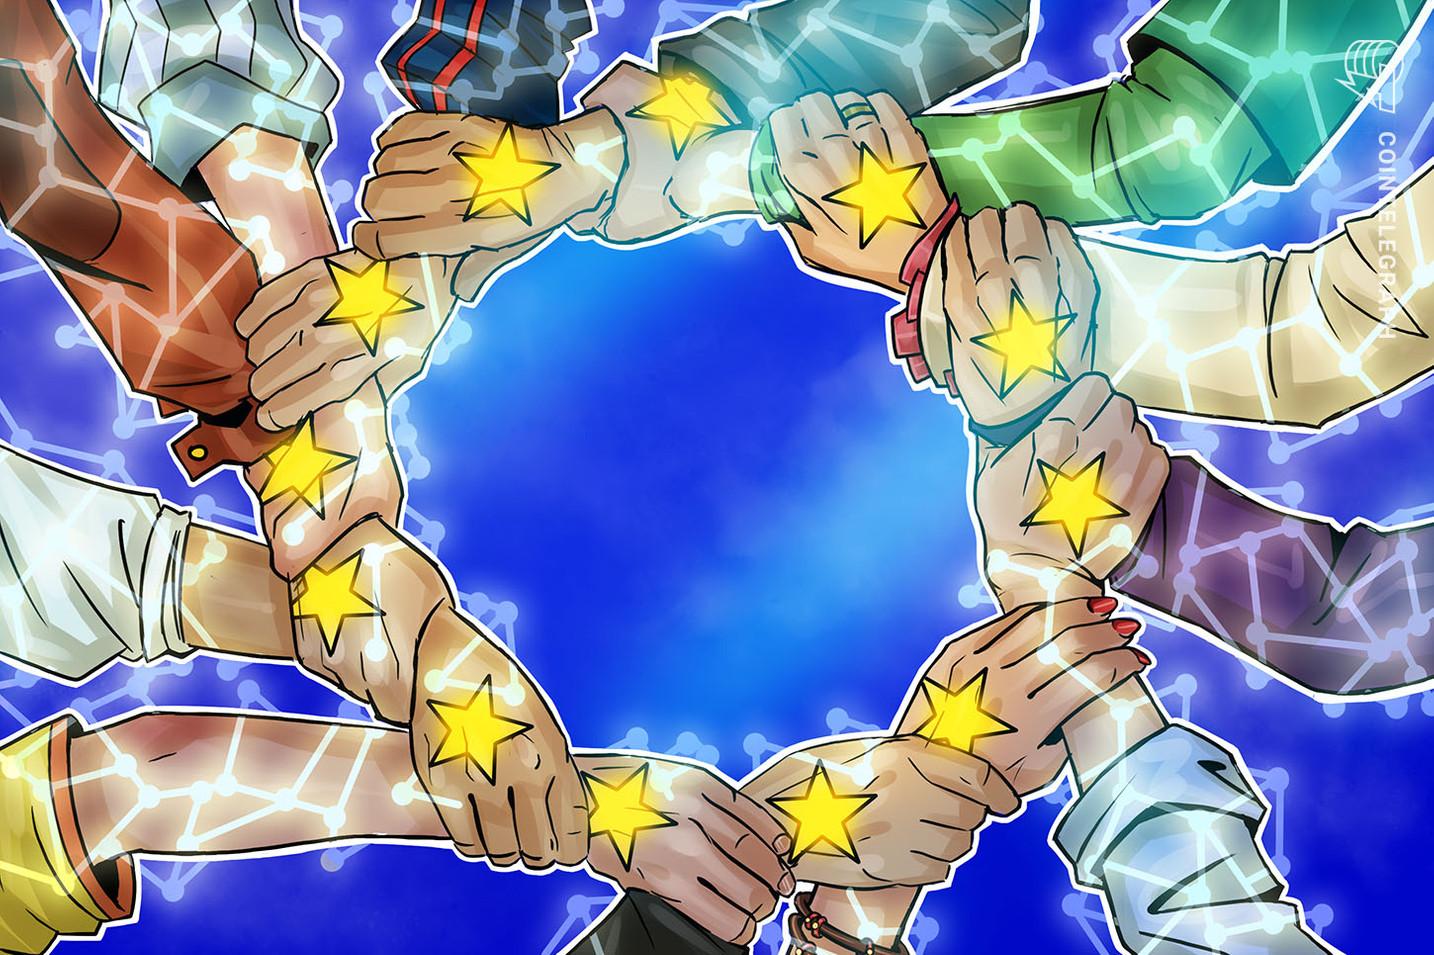 Jauns ES priekšlikums paredz stingrākus noteikumus par kriptovalūtas sūtīšanu